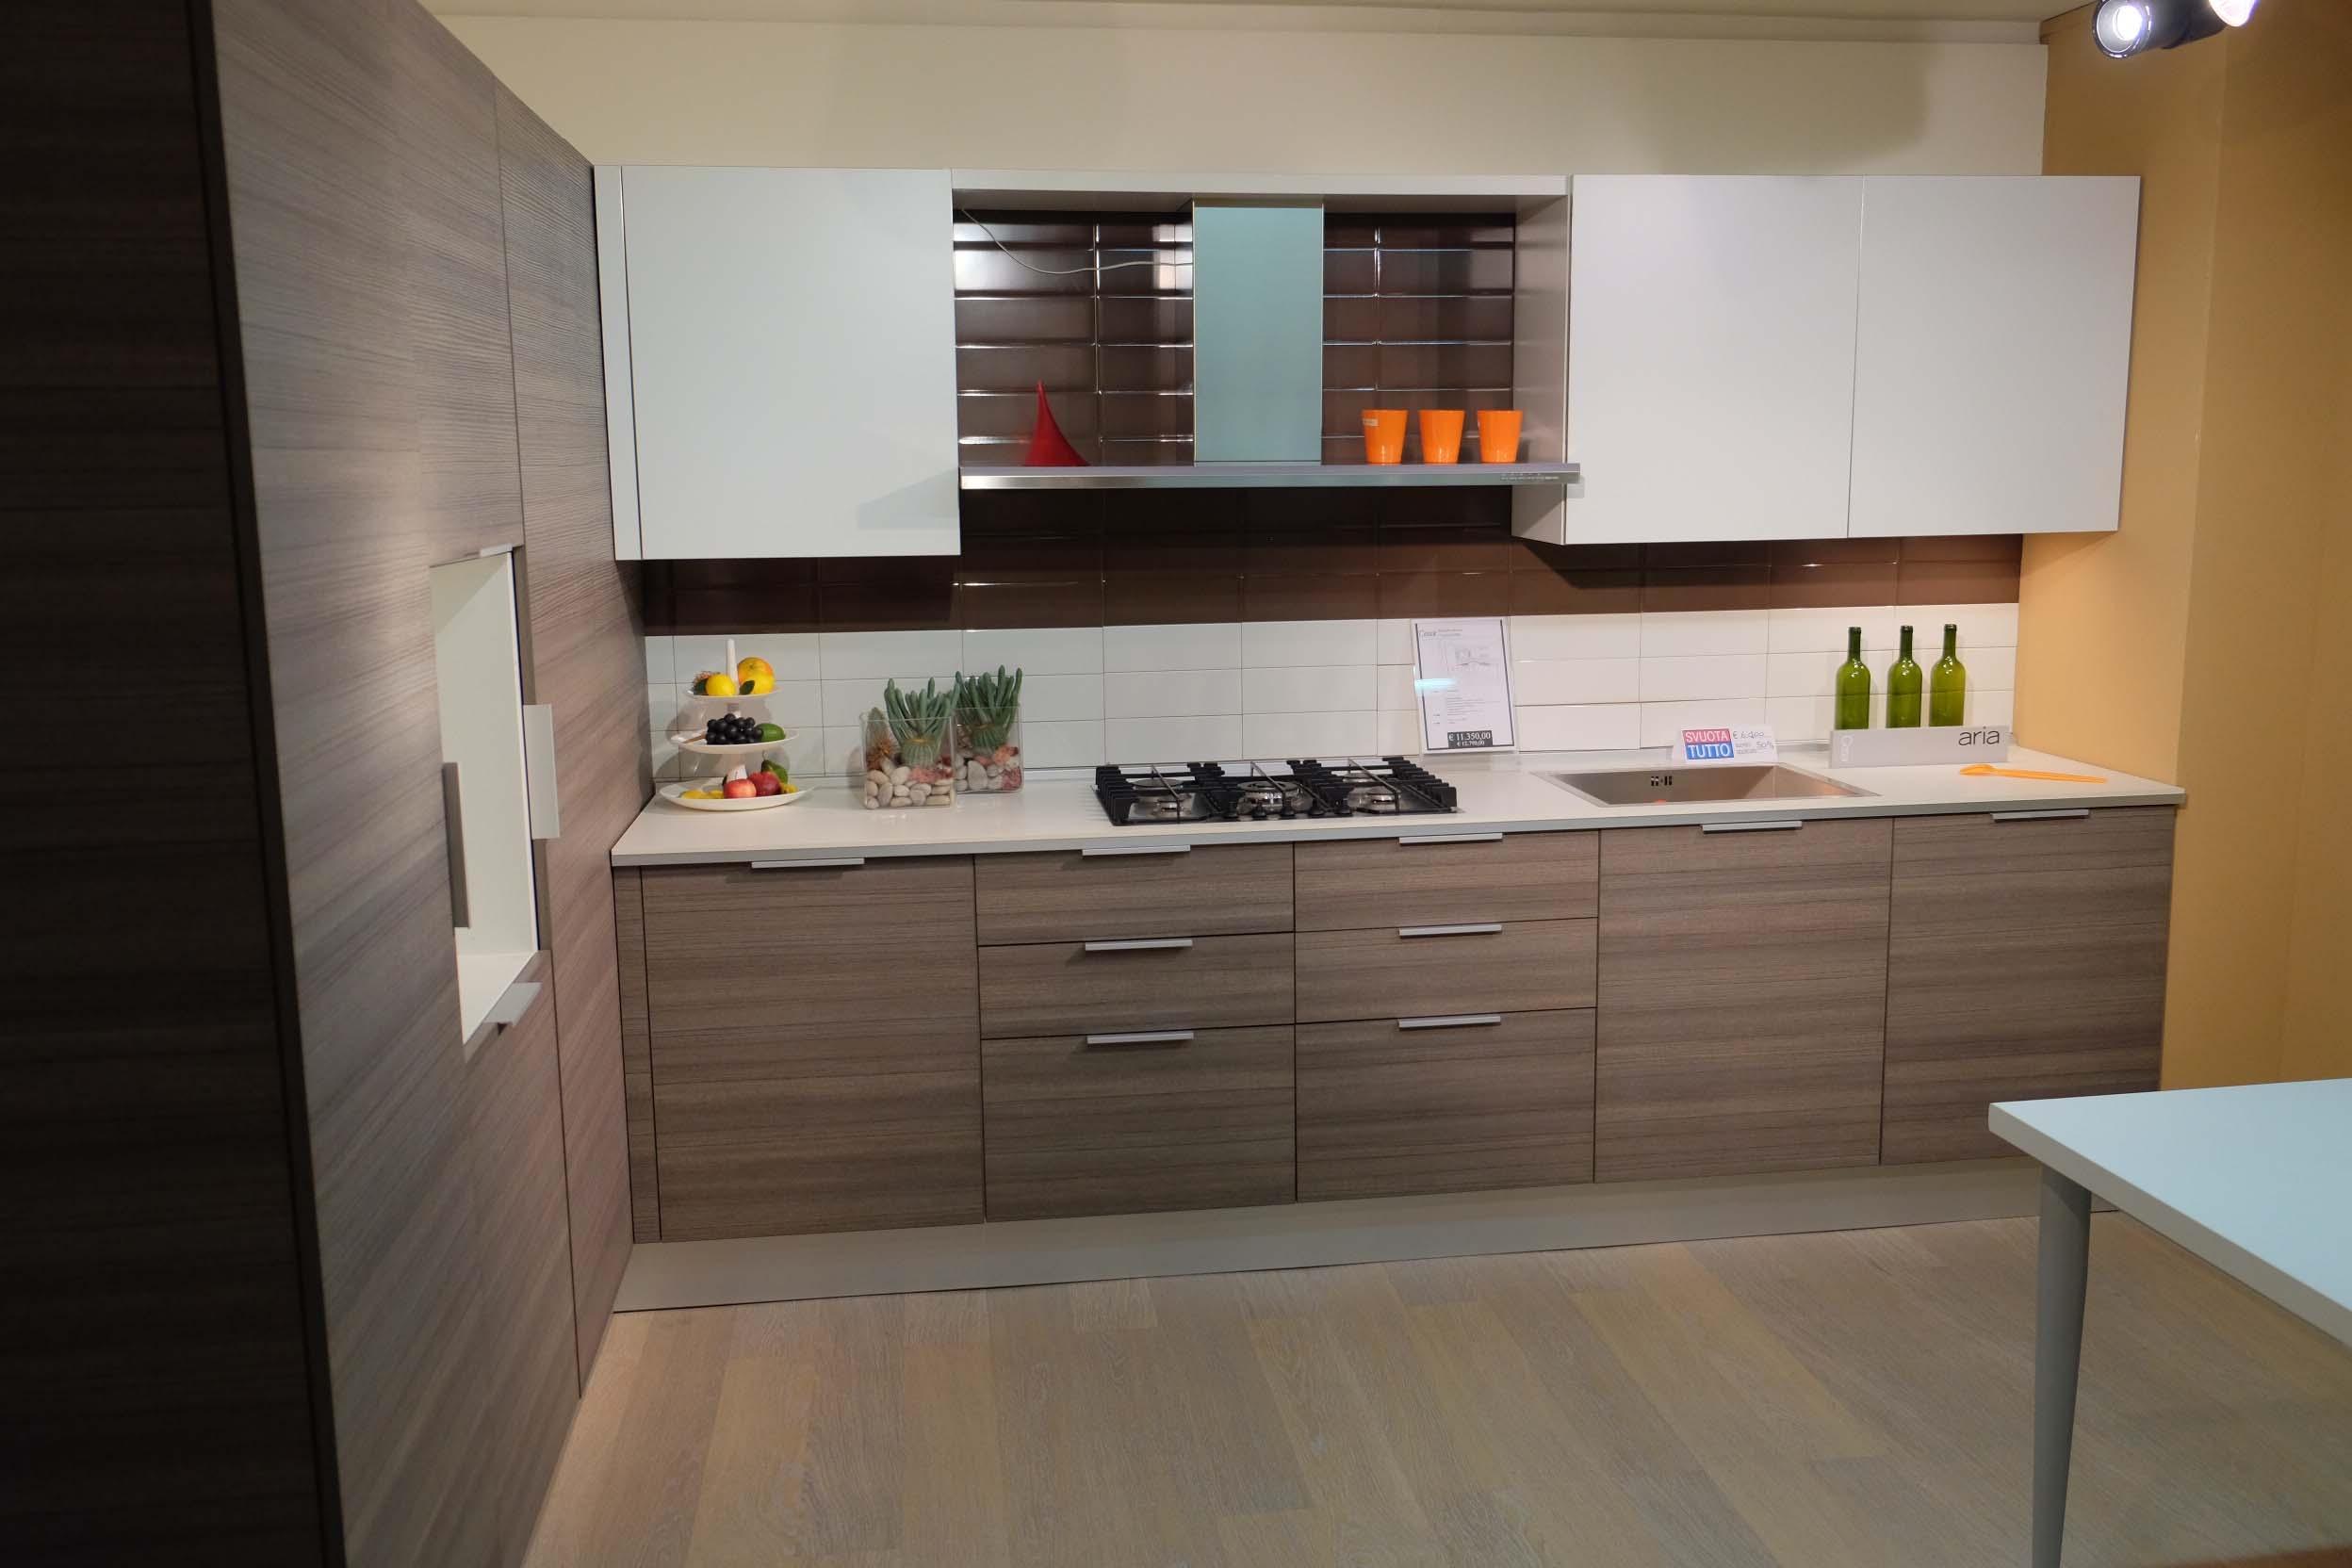 Cucina cesar cucine aria scontato del 62 cucine a - Cucine migliori ...